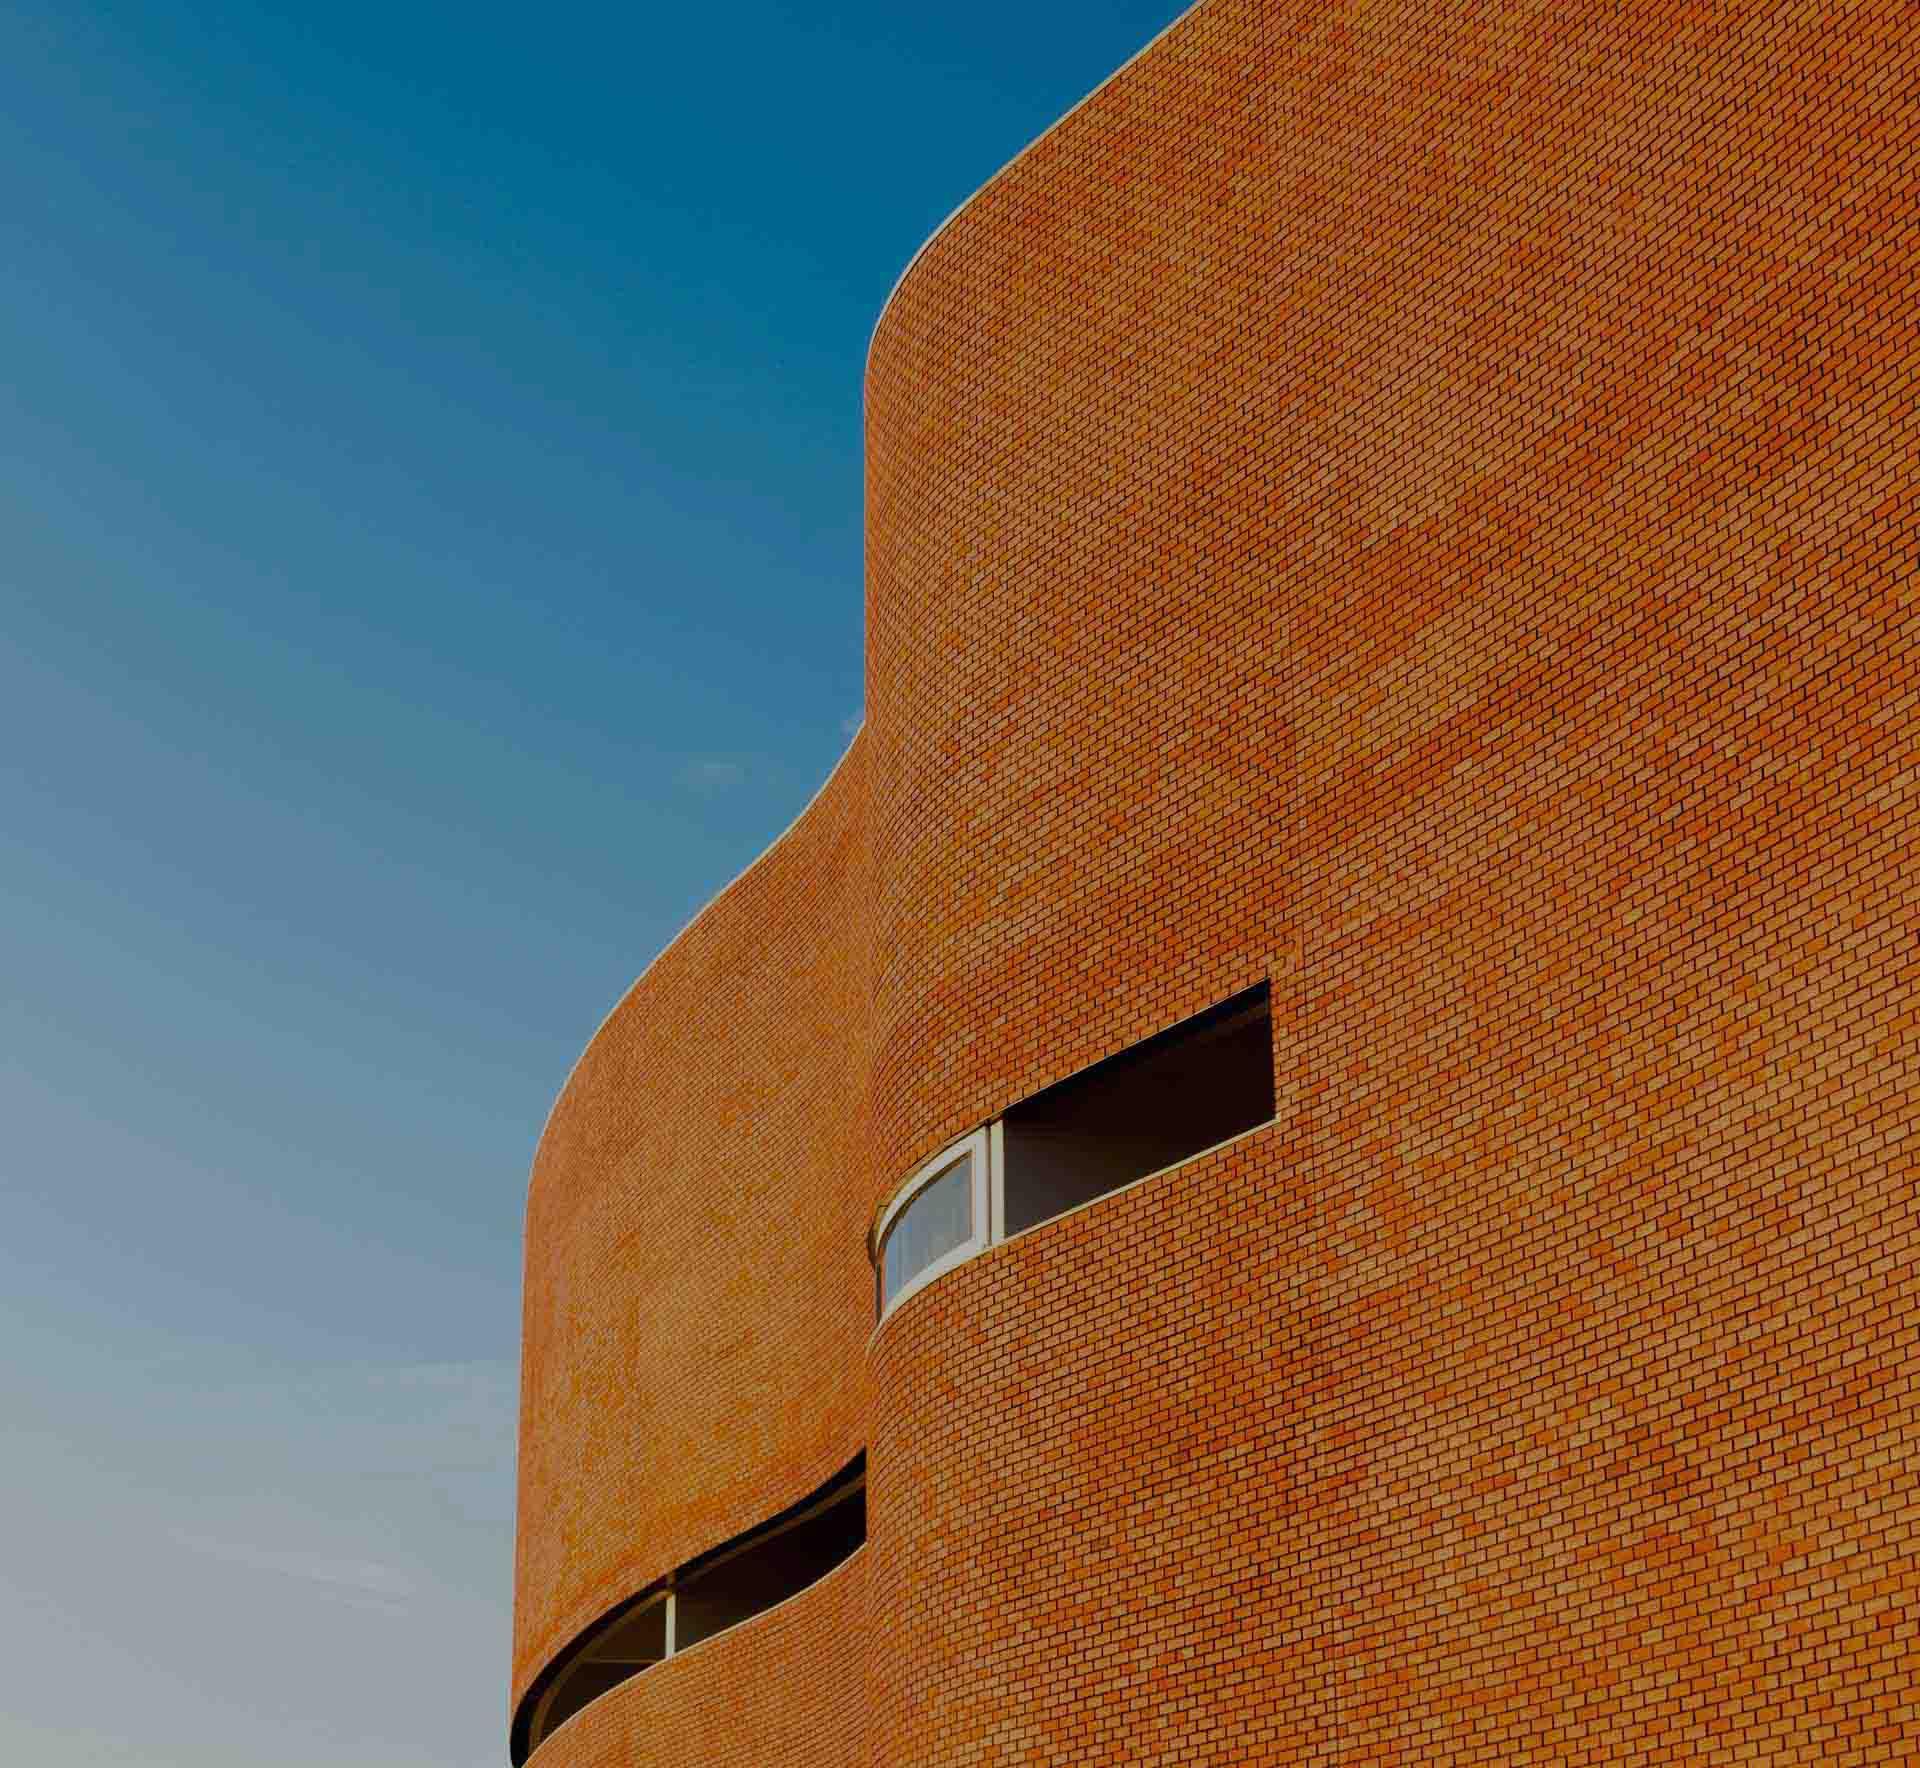 Por qué en Inglaterra se pueden encontrar muros ondulados de ladrillos